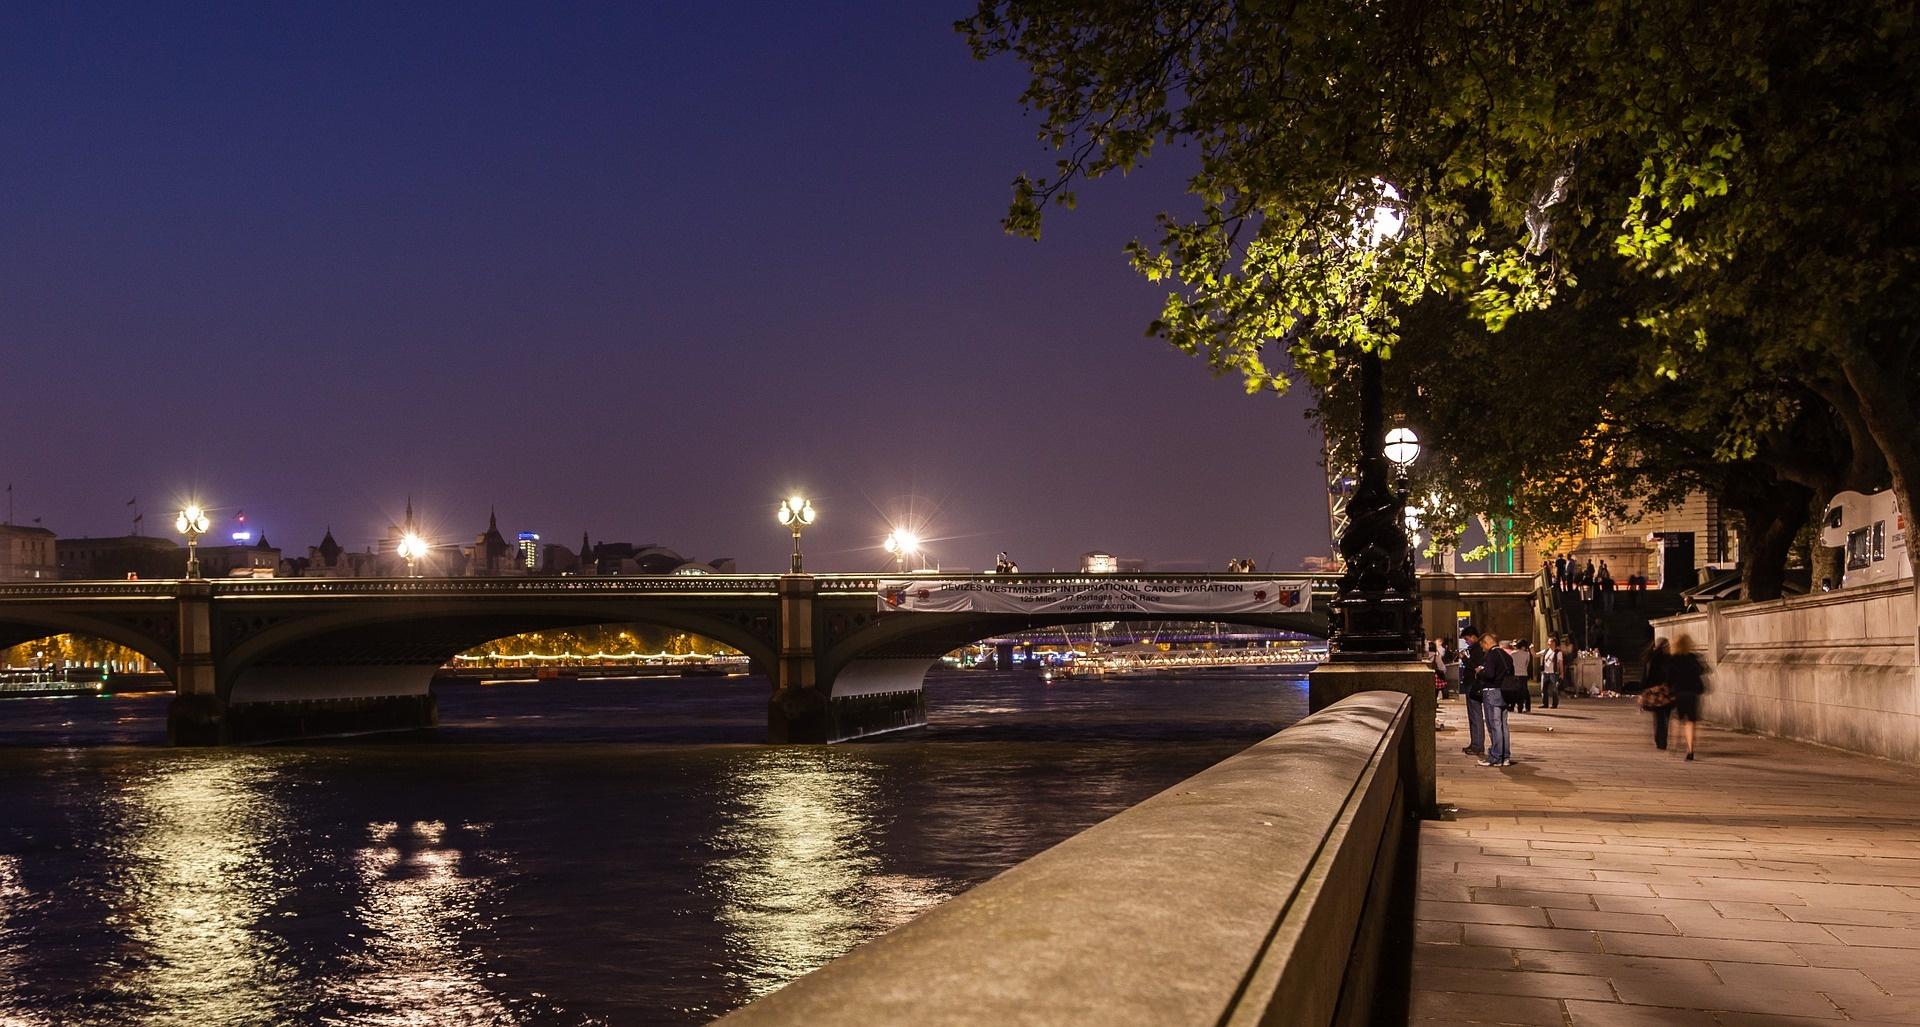 london_at_night__1920_01